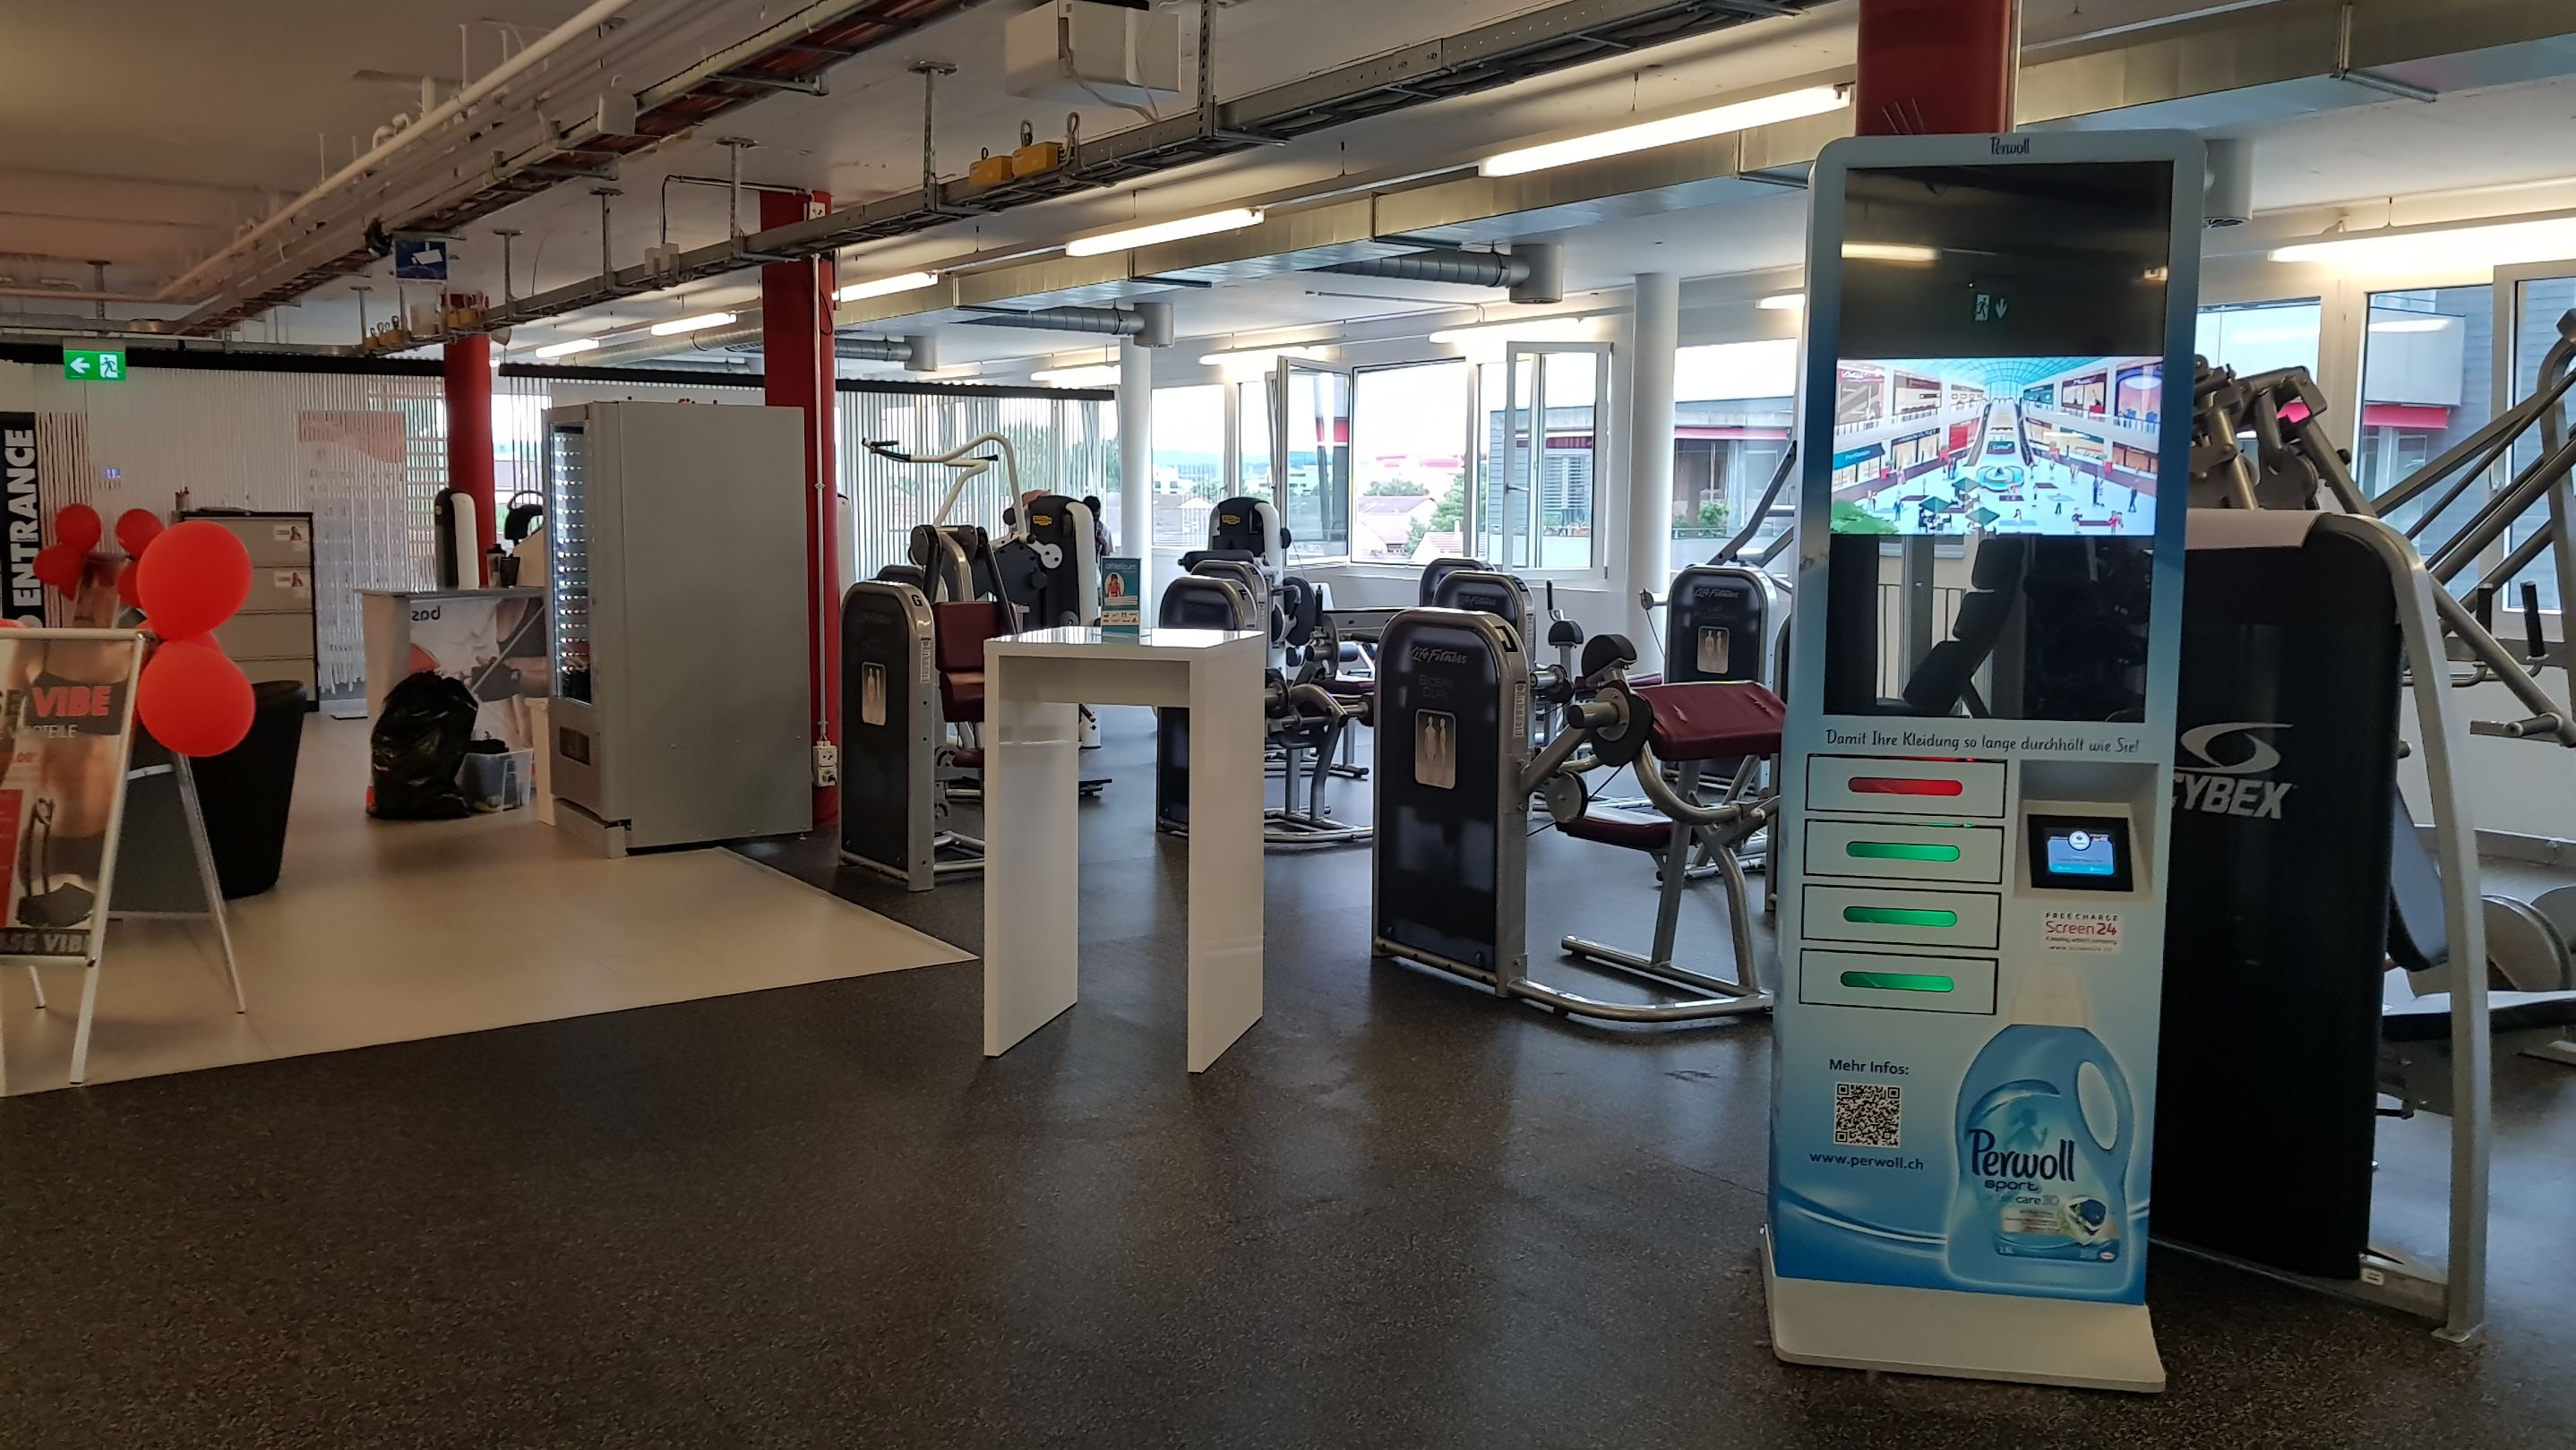 dooh henkel nutzt in fitnesscentern werbemittel von screen24. Black Bedroom Furniture Sets. Home Design Ideas